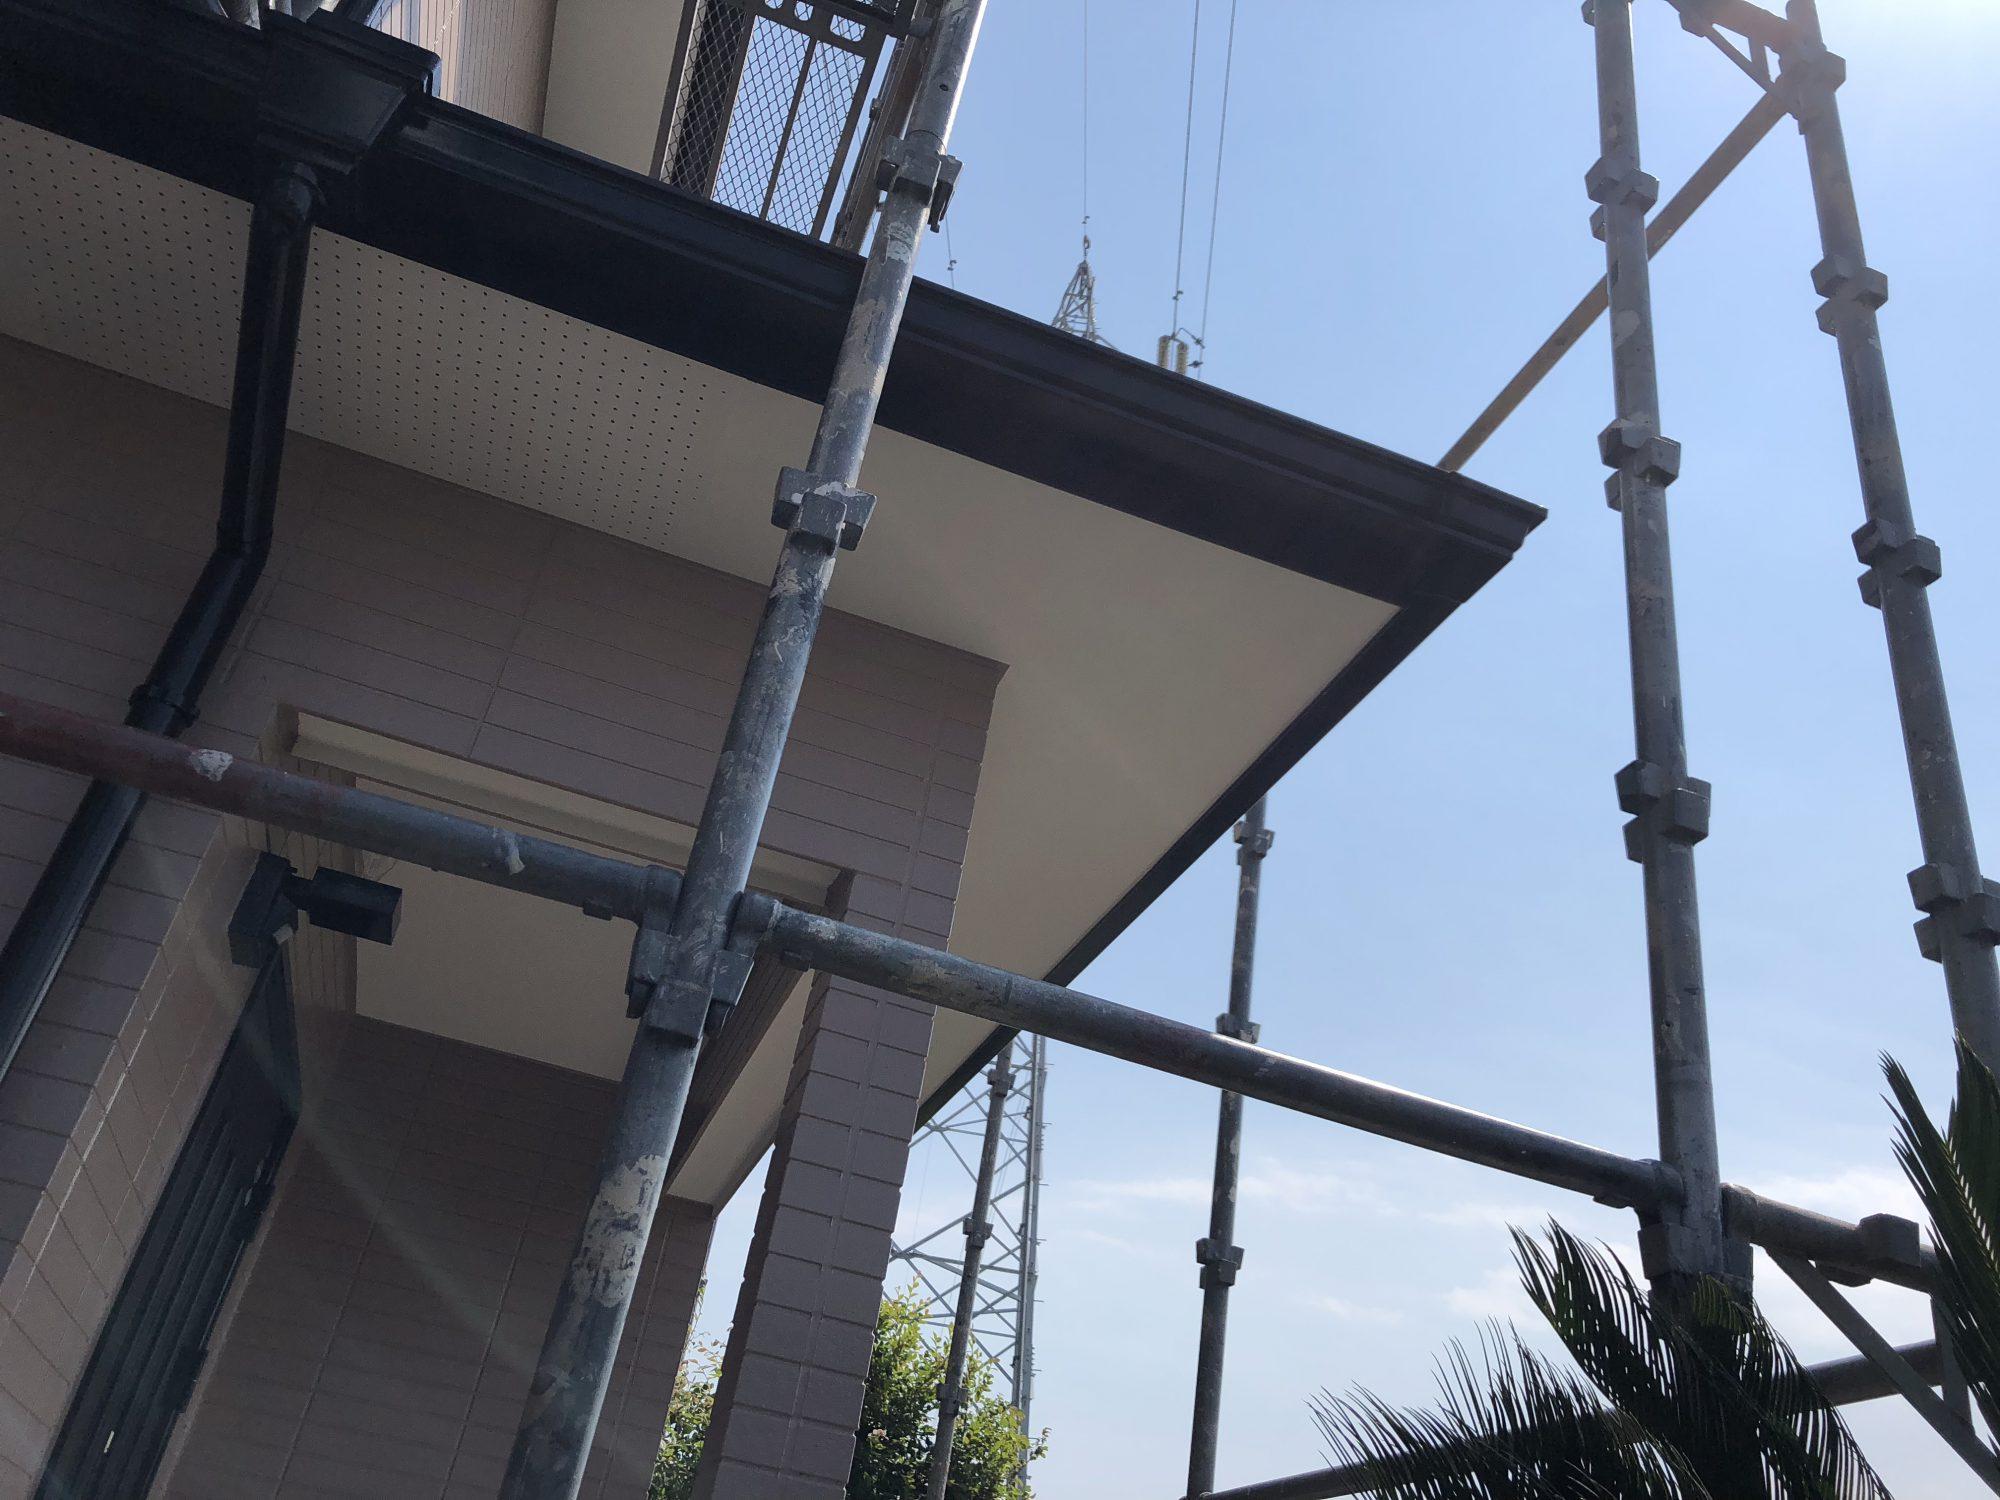 大網白里市O様邸屋根外壁塗装工事